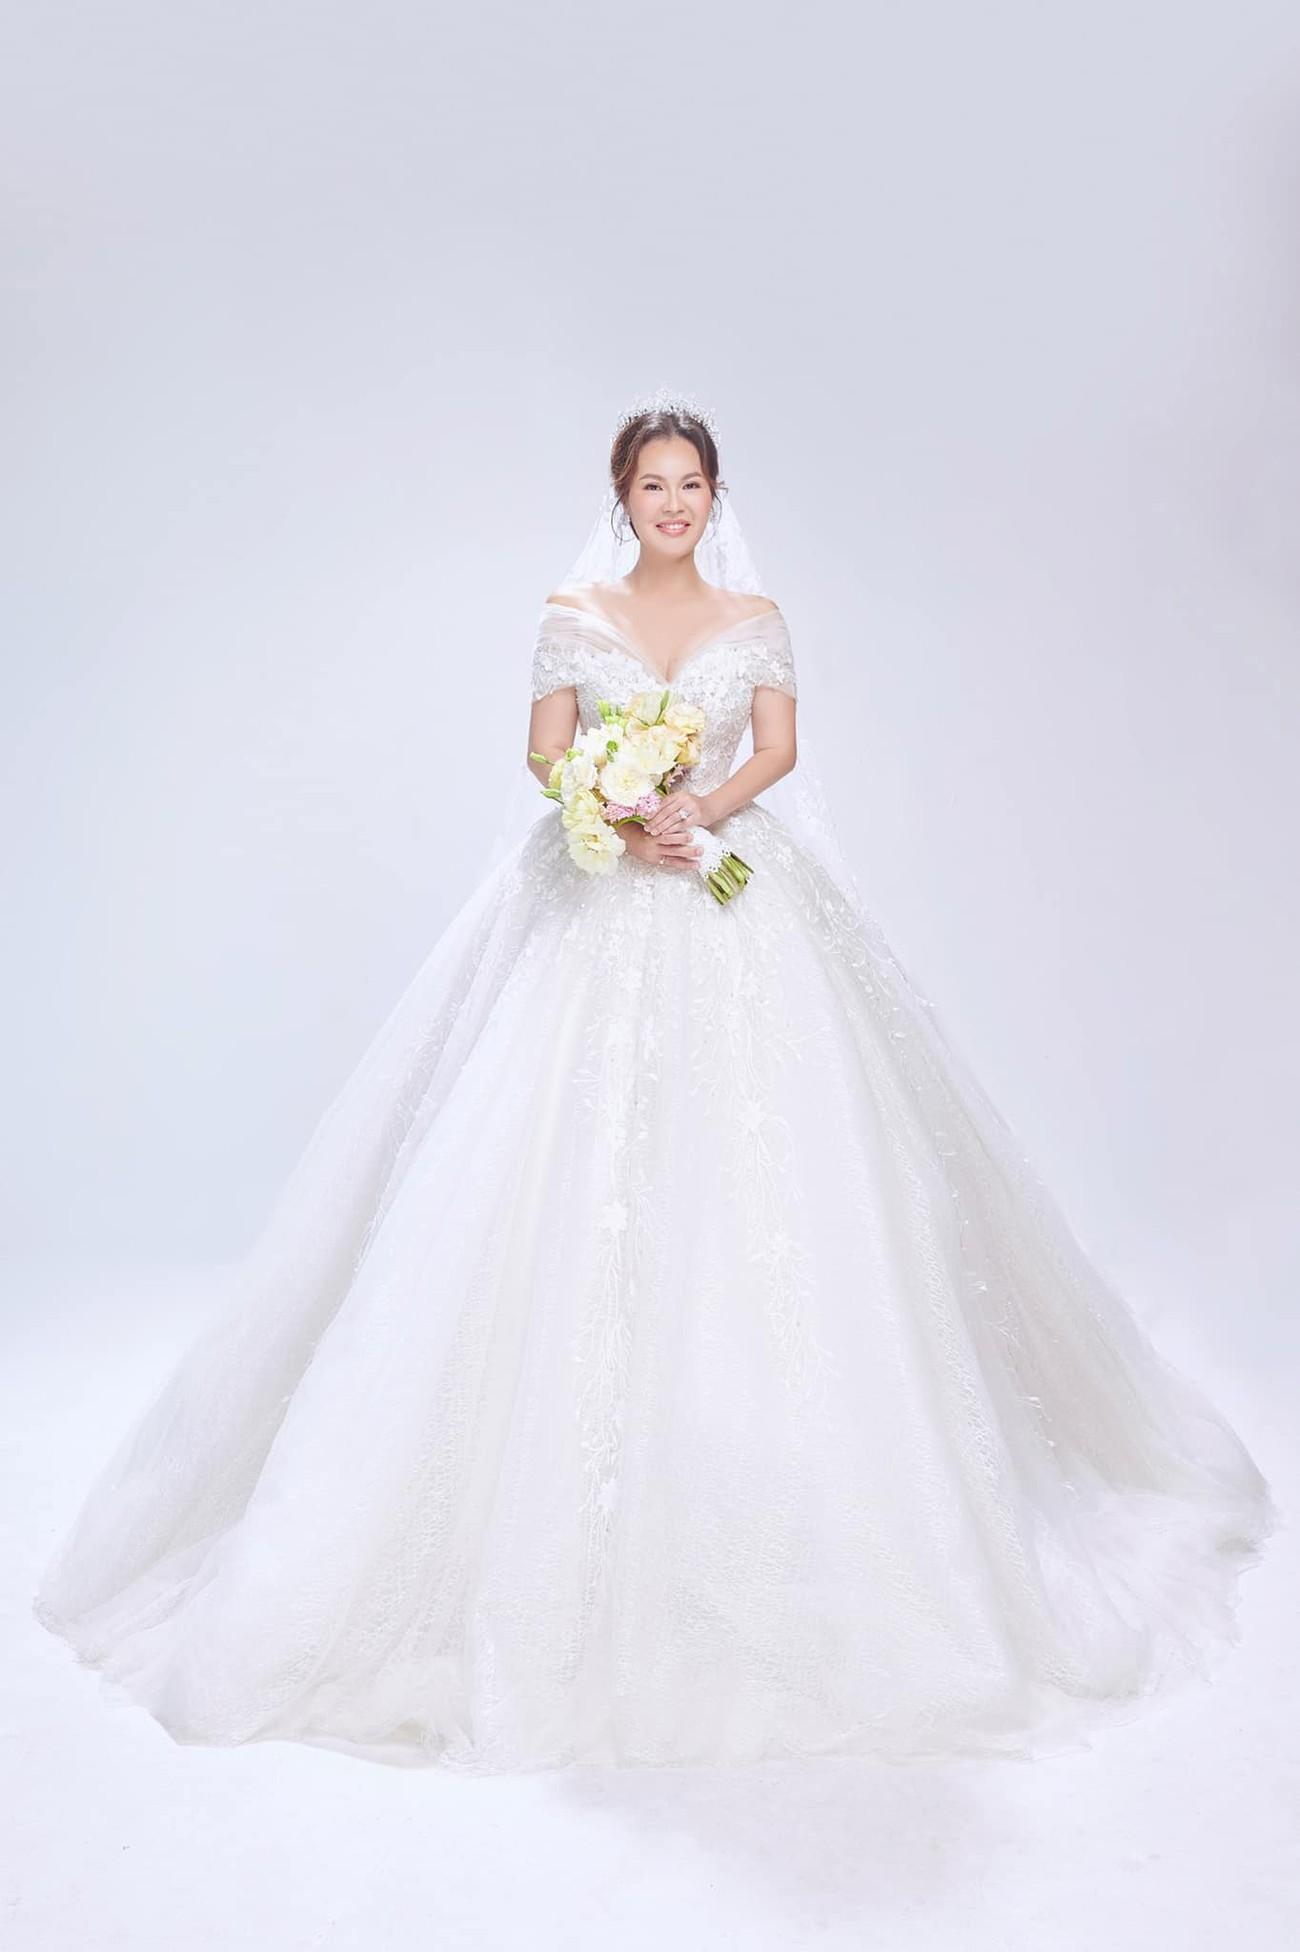 Hé lộ thêm ảnh cưới của Quý Bình, vợ doanh nhân cực trẻ trung và xinh đẹp ảnh 7